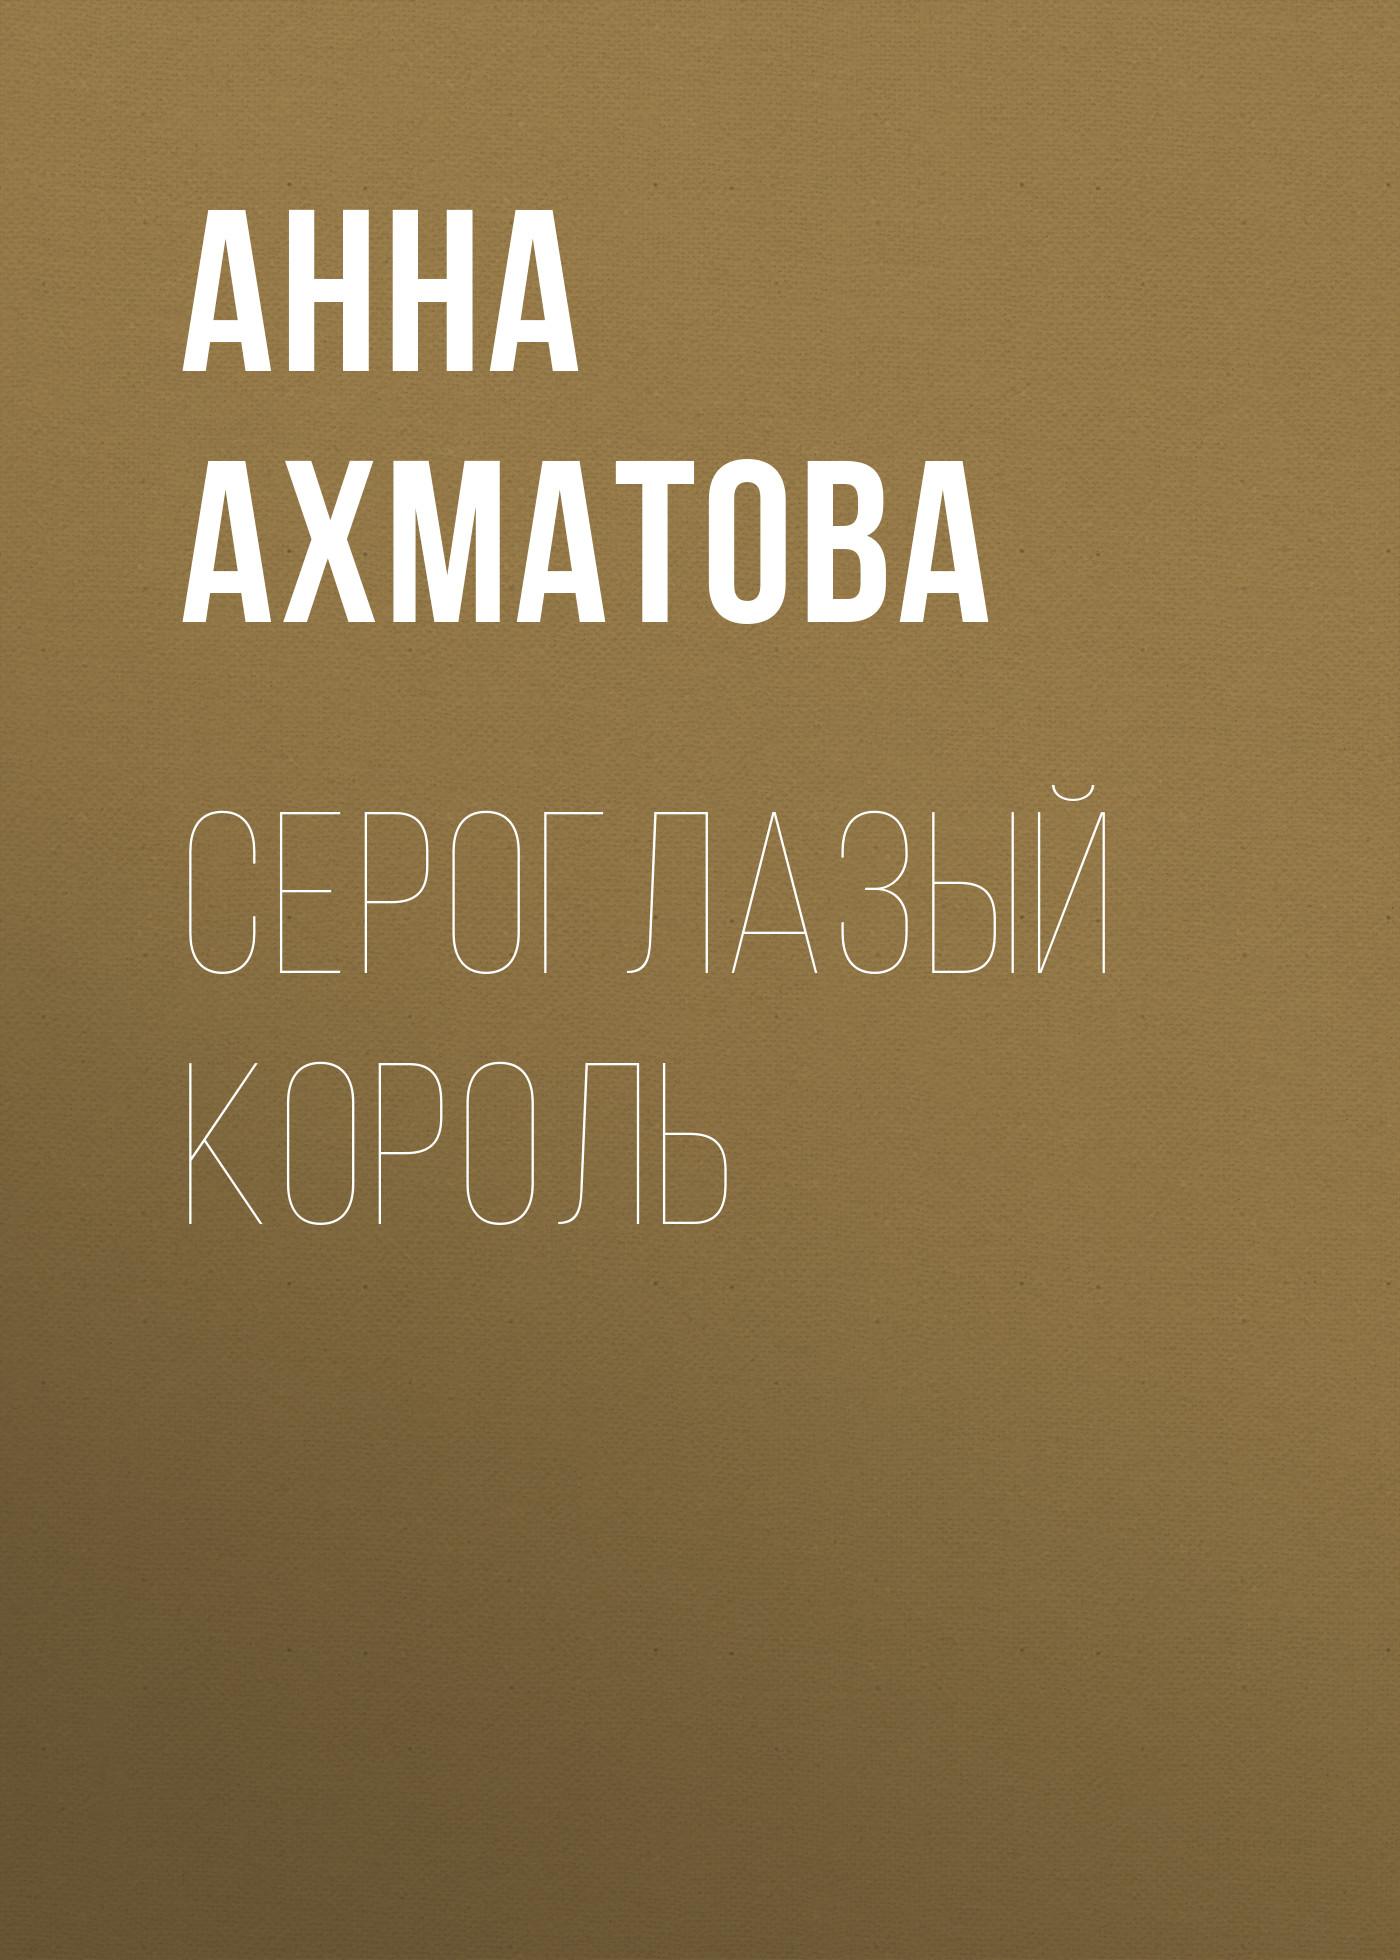 Анна Ахматова Сероглазый король ахматова анна андреевна сероглазый король